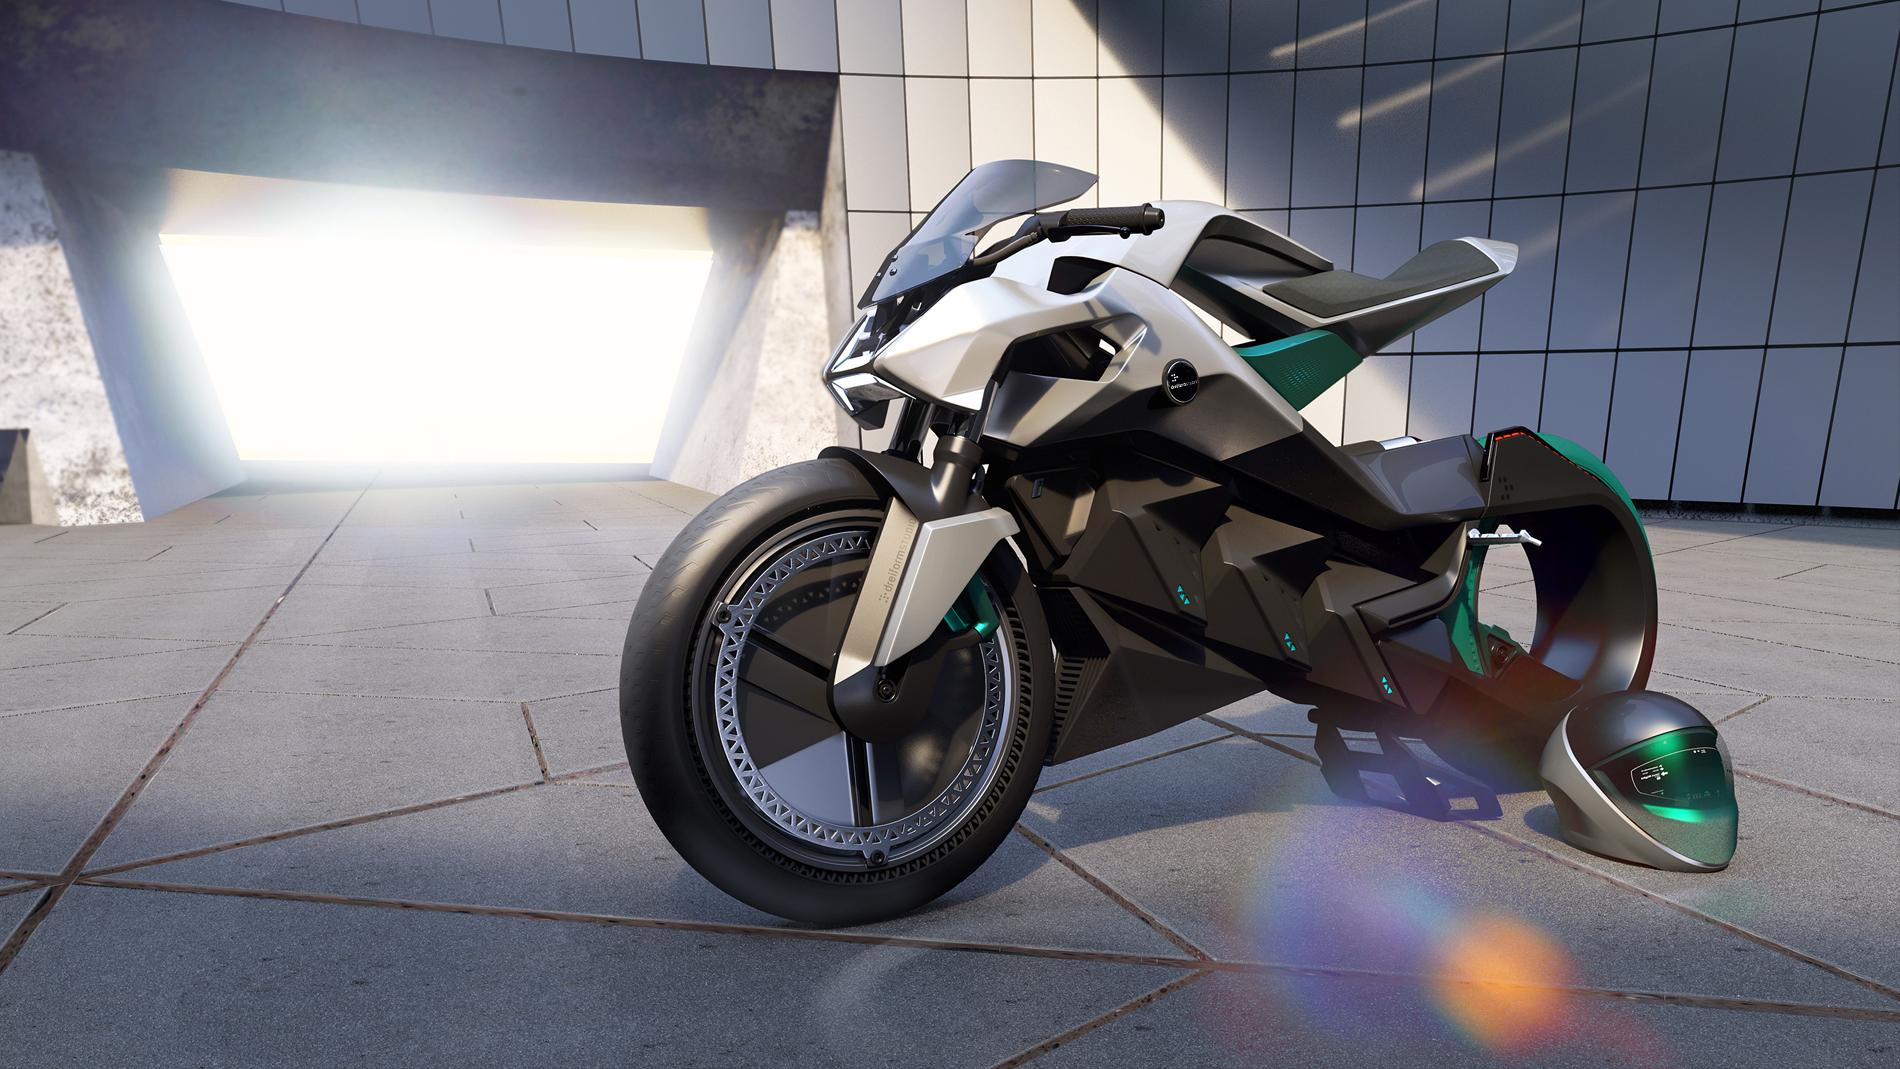 grey black green motorbike with helmet in showroom side view